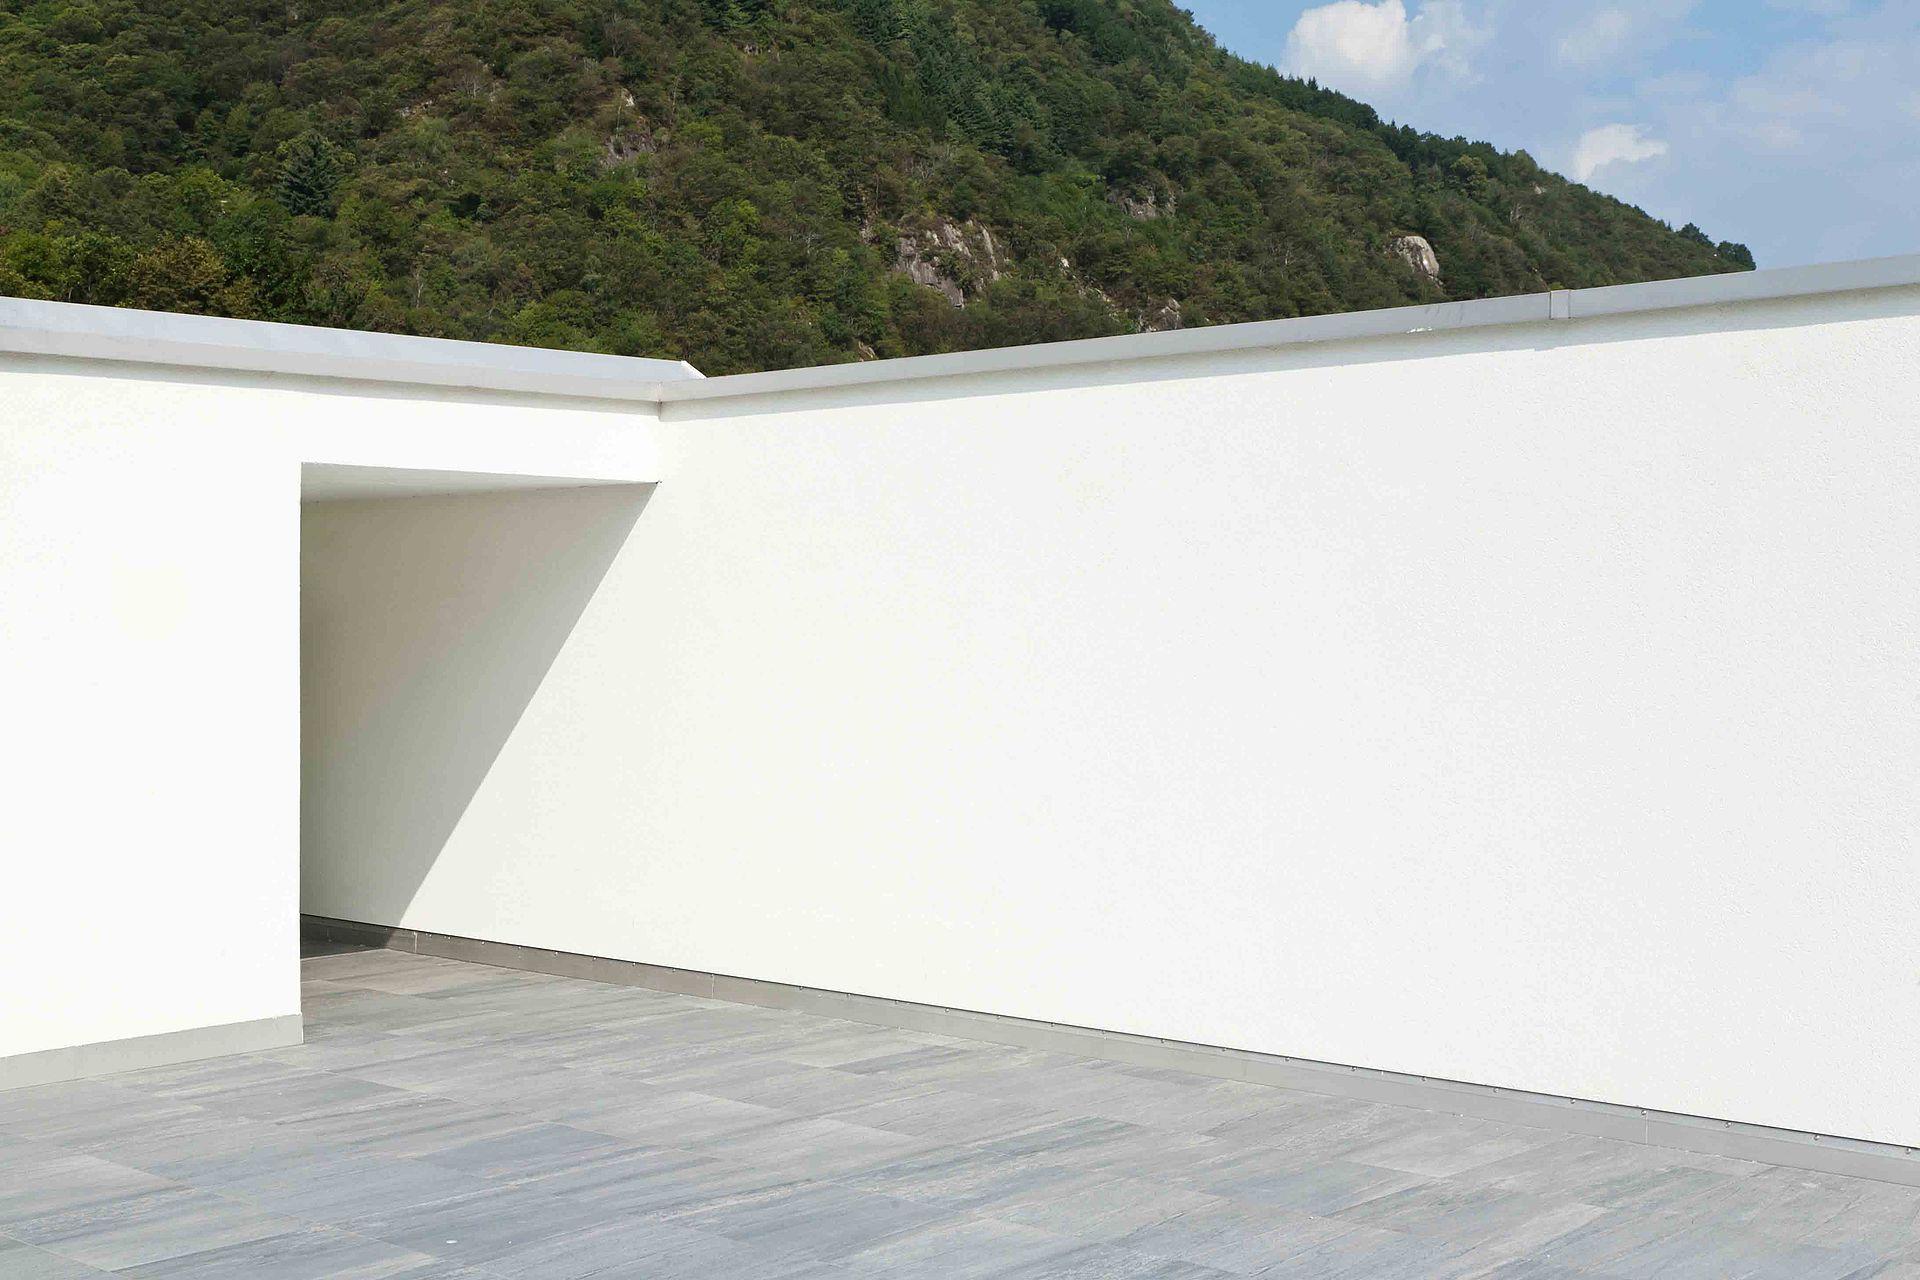 Das neue Metallanschlussprofil 2765 verarbeitet auf einer Dachterrasse